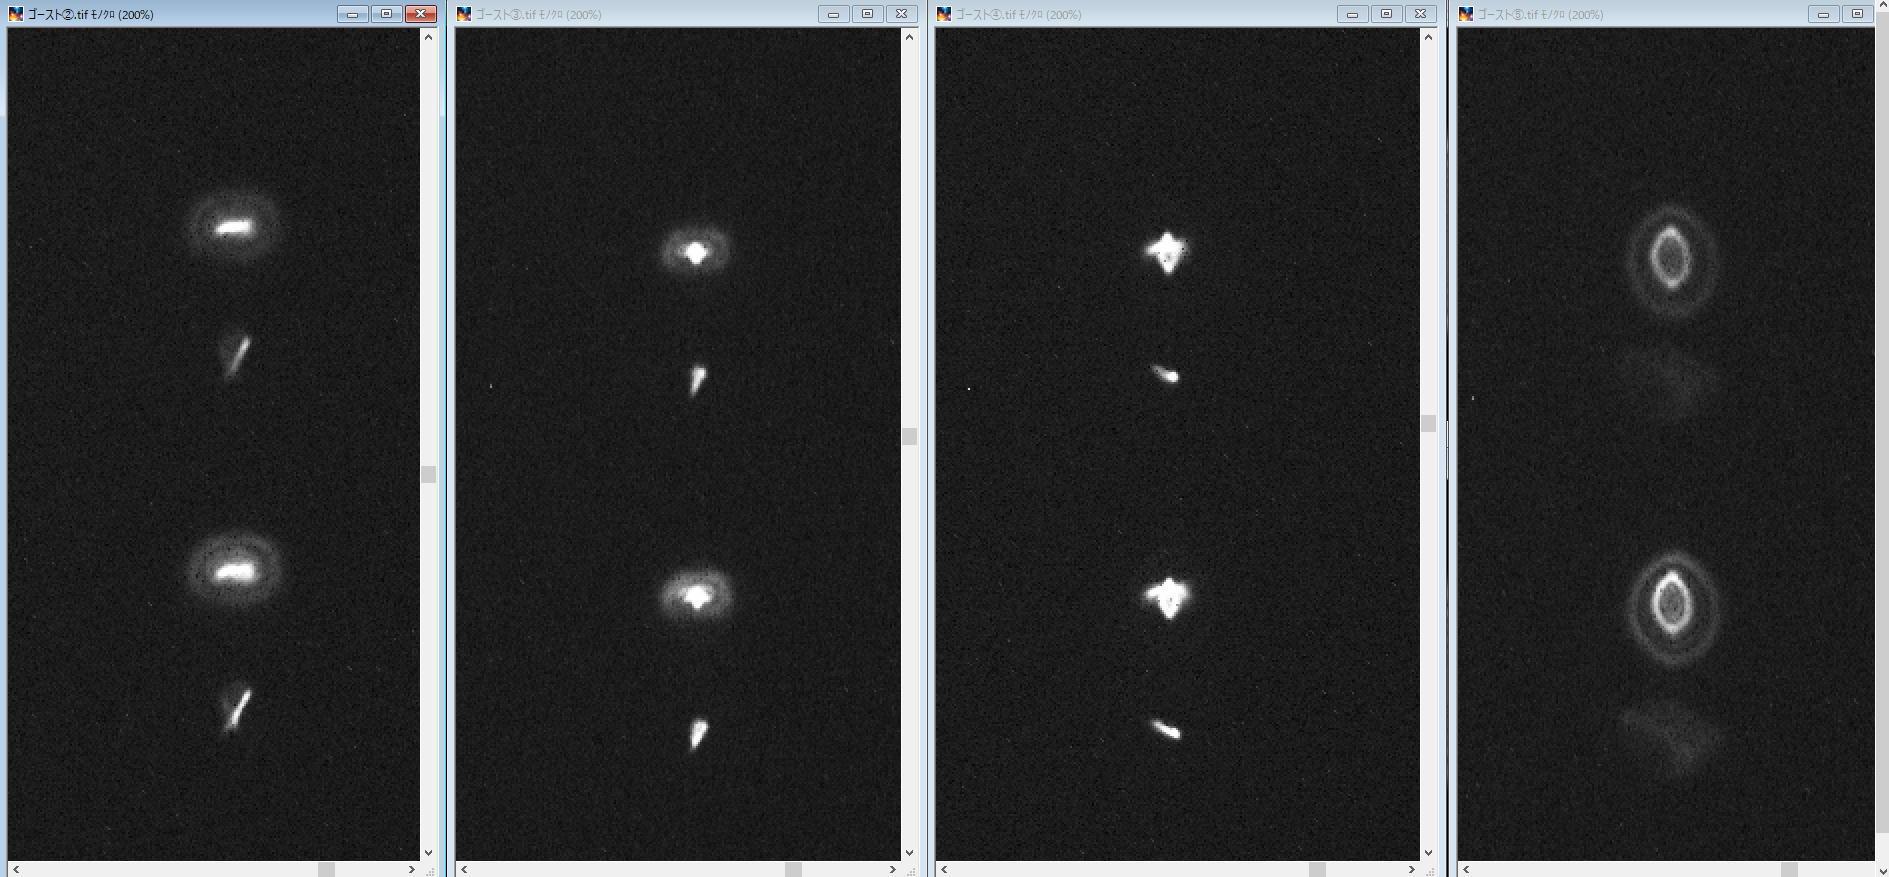 人工星テスターで『のっぴきならない』こと発見?②_f0346040_22433544.jpg